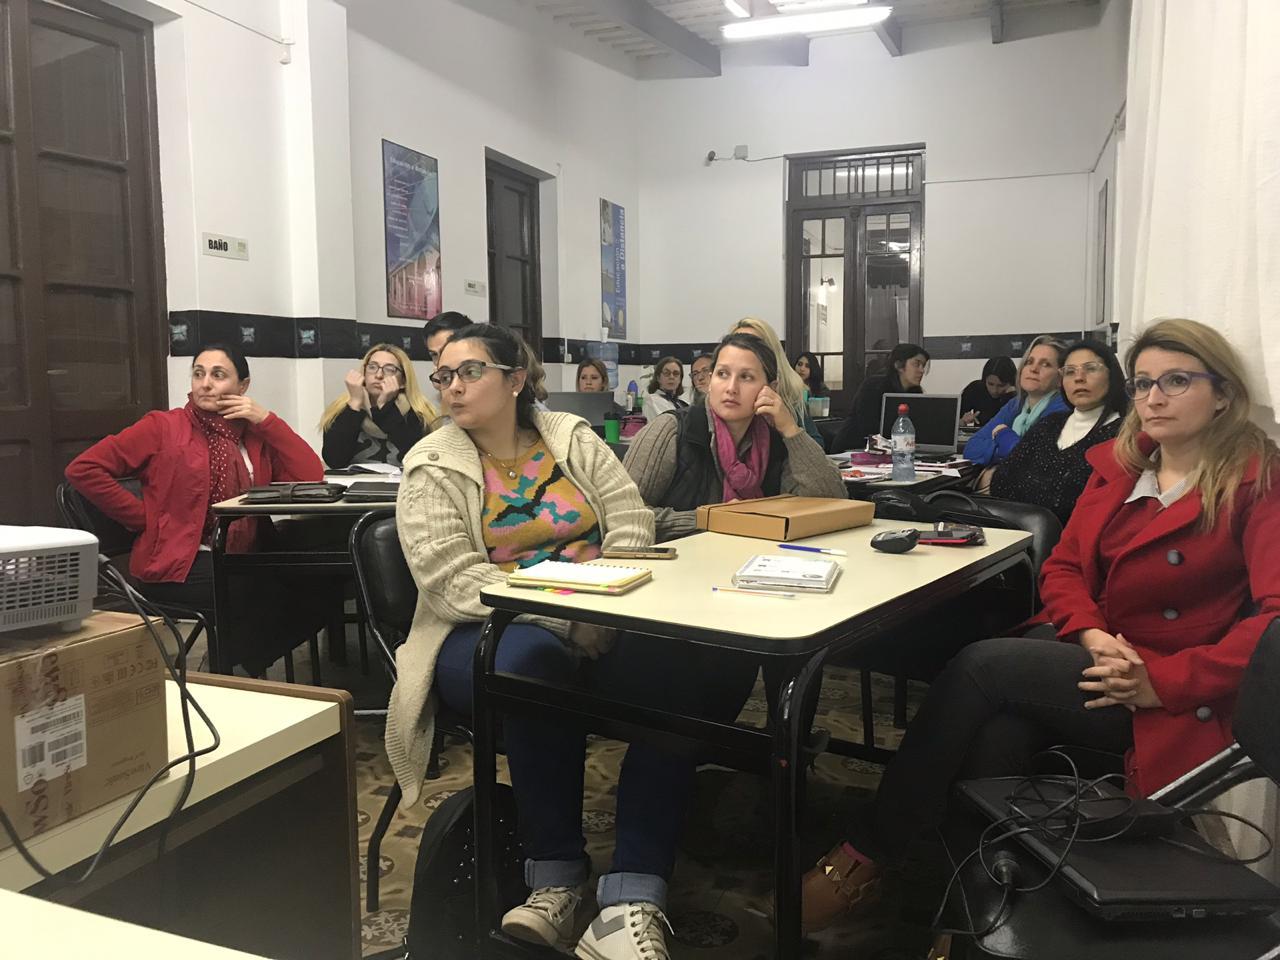 Comienza el curso Integración de las Nuevas Tecnologías en los procesos educativos